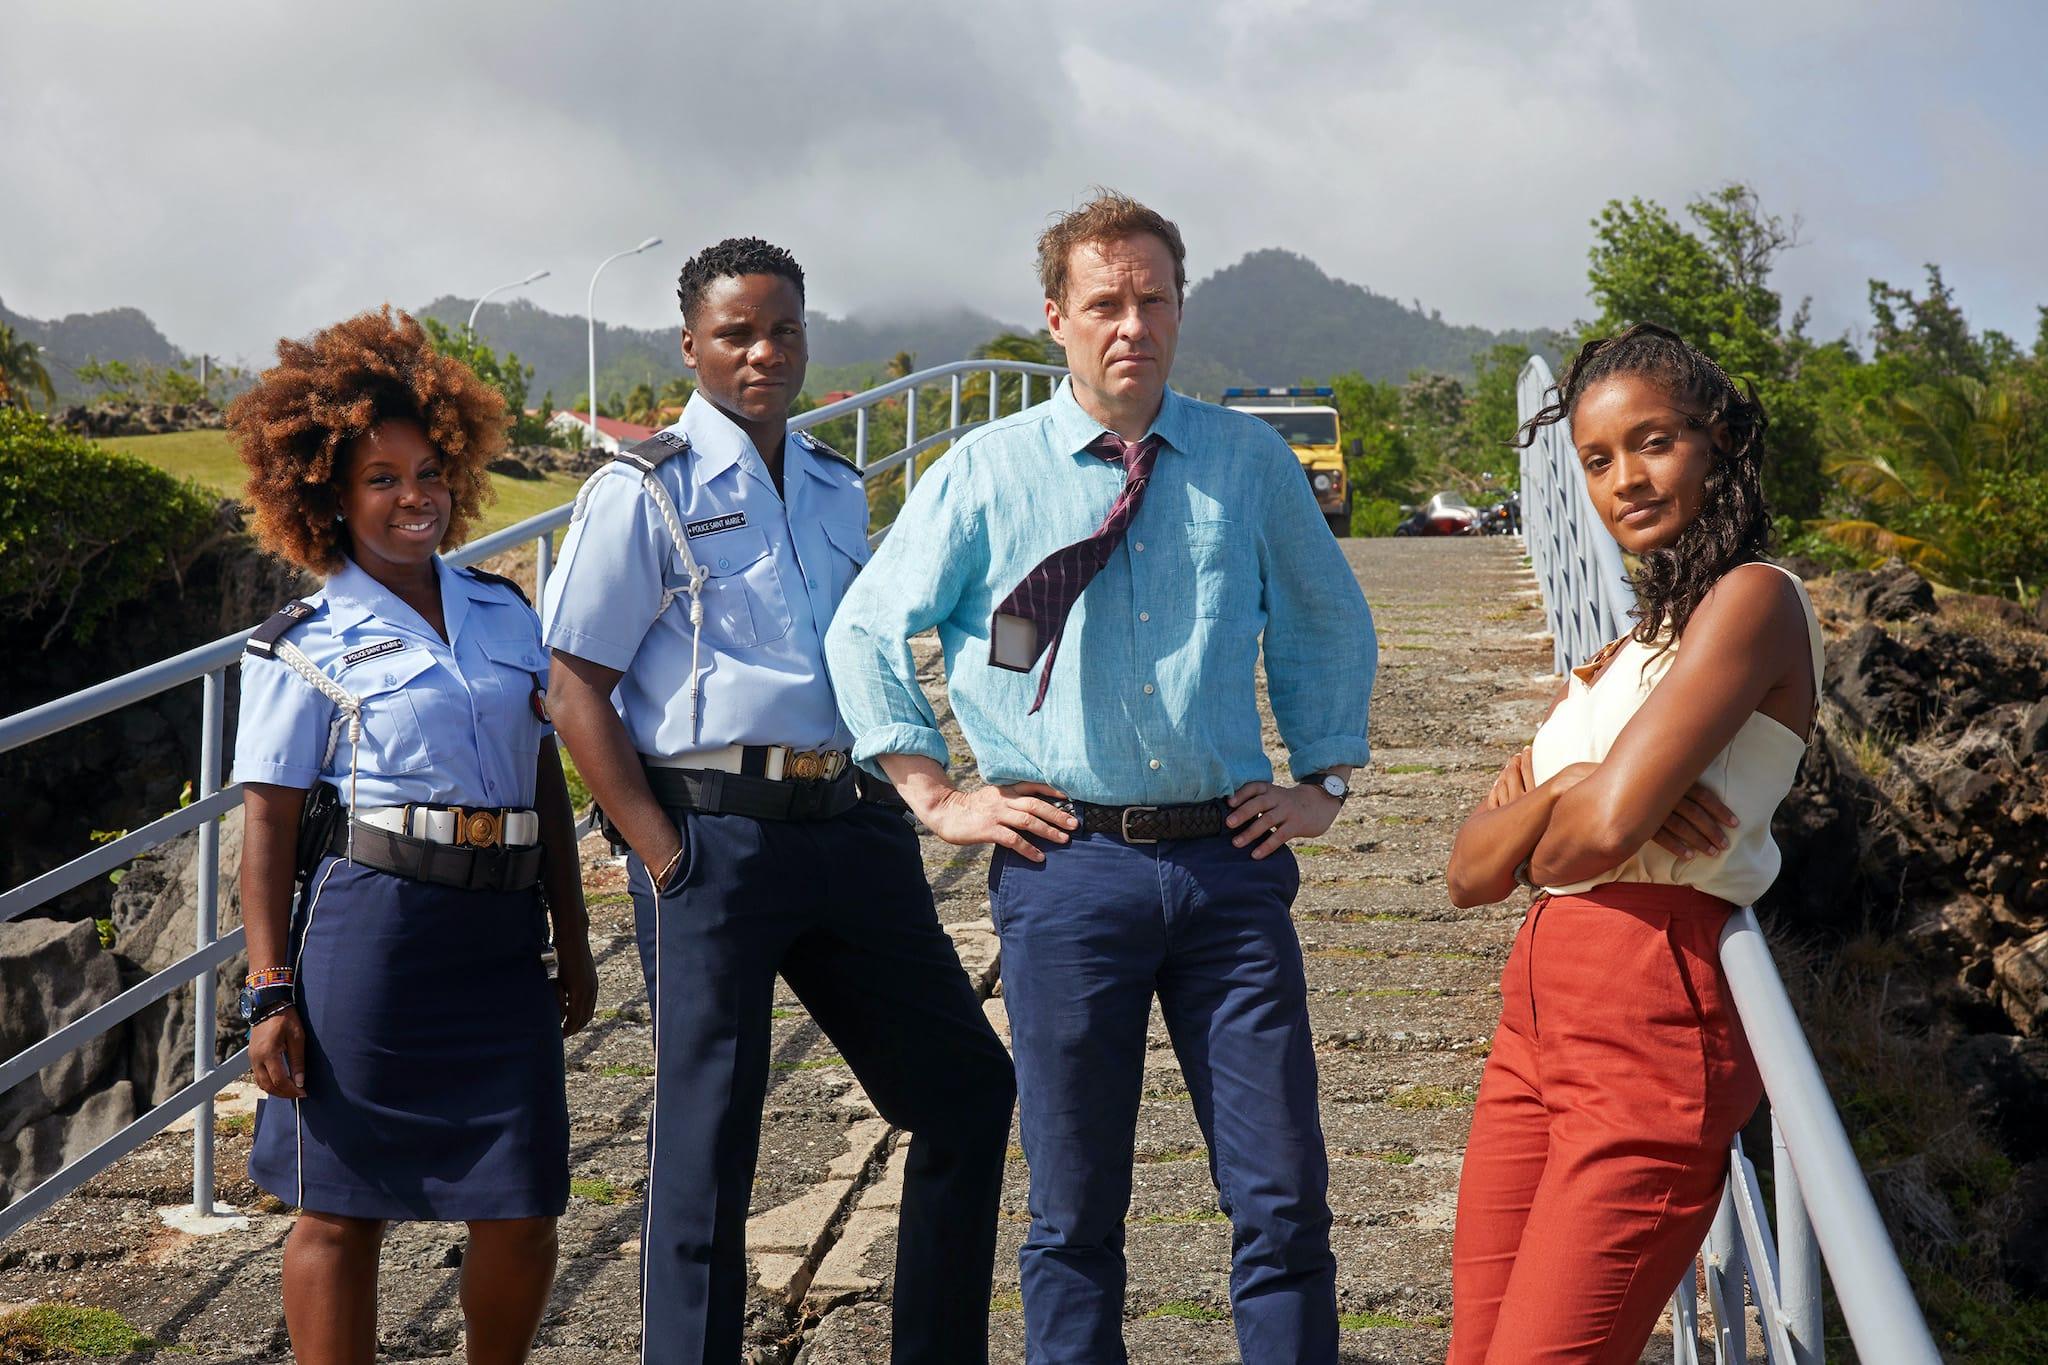 Meurtres au paradis saison 9 photo série télé